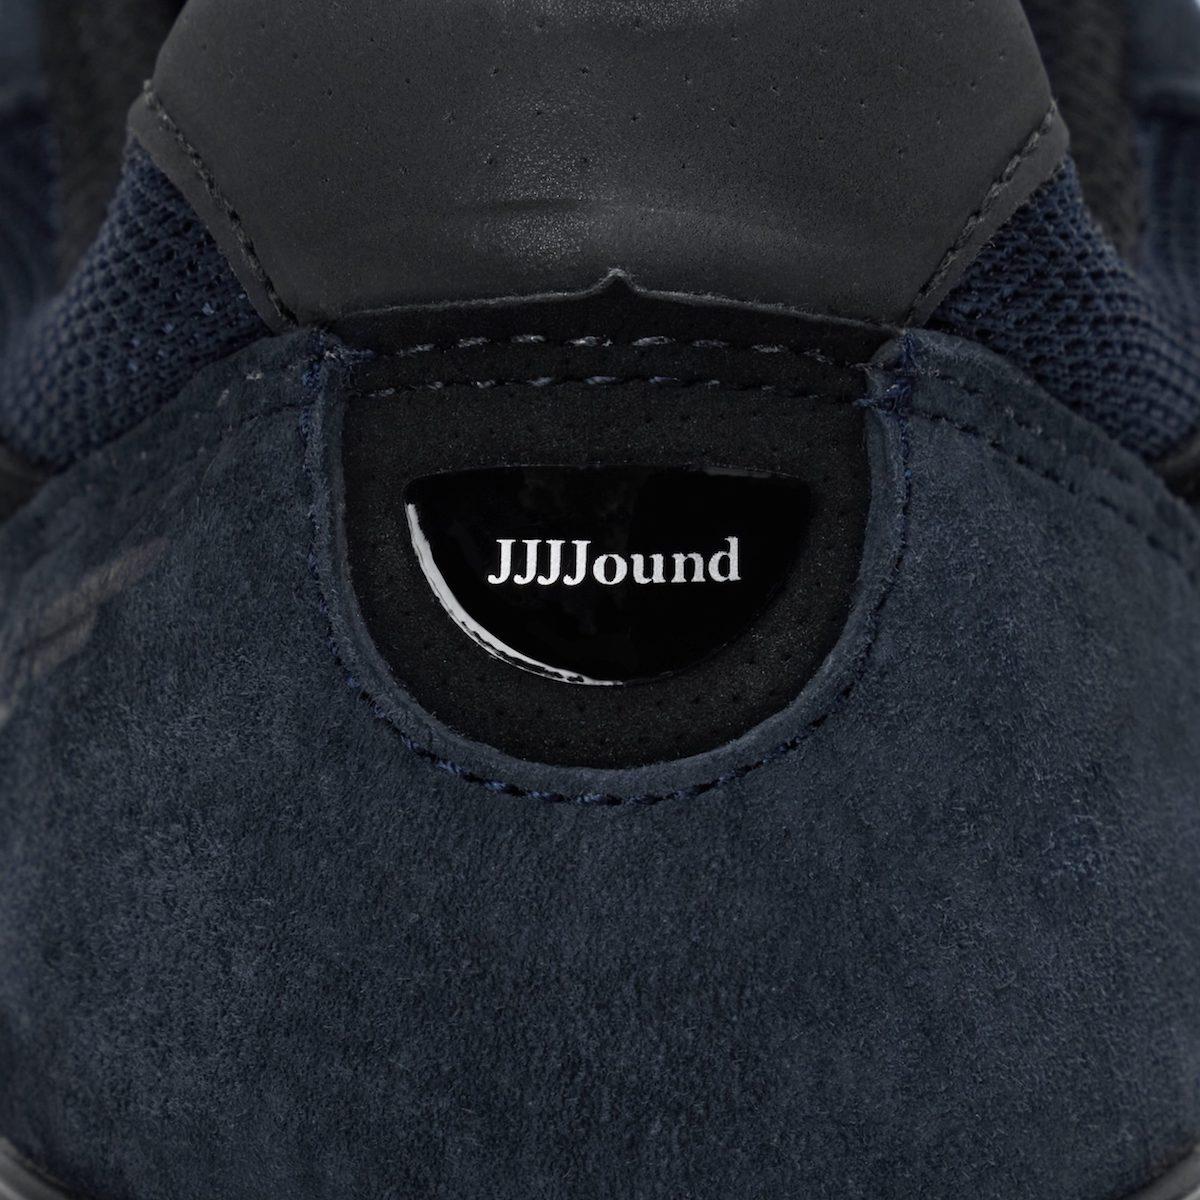 JJJJound x New Balance 990v4